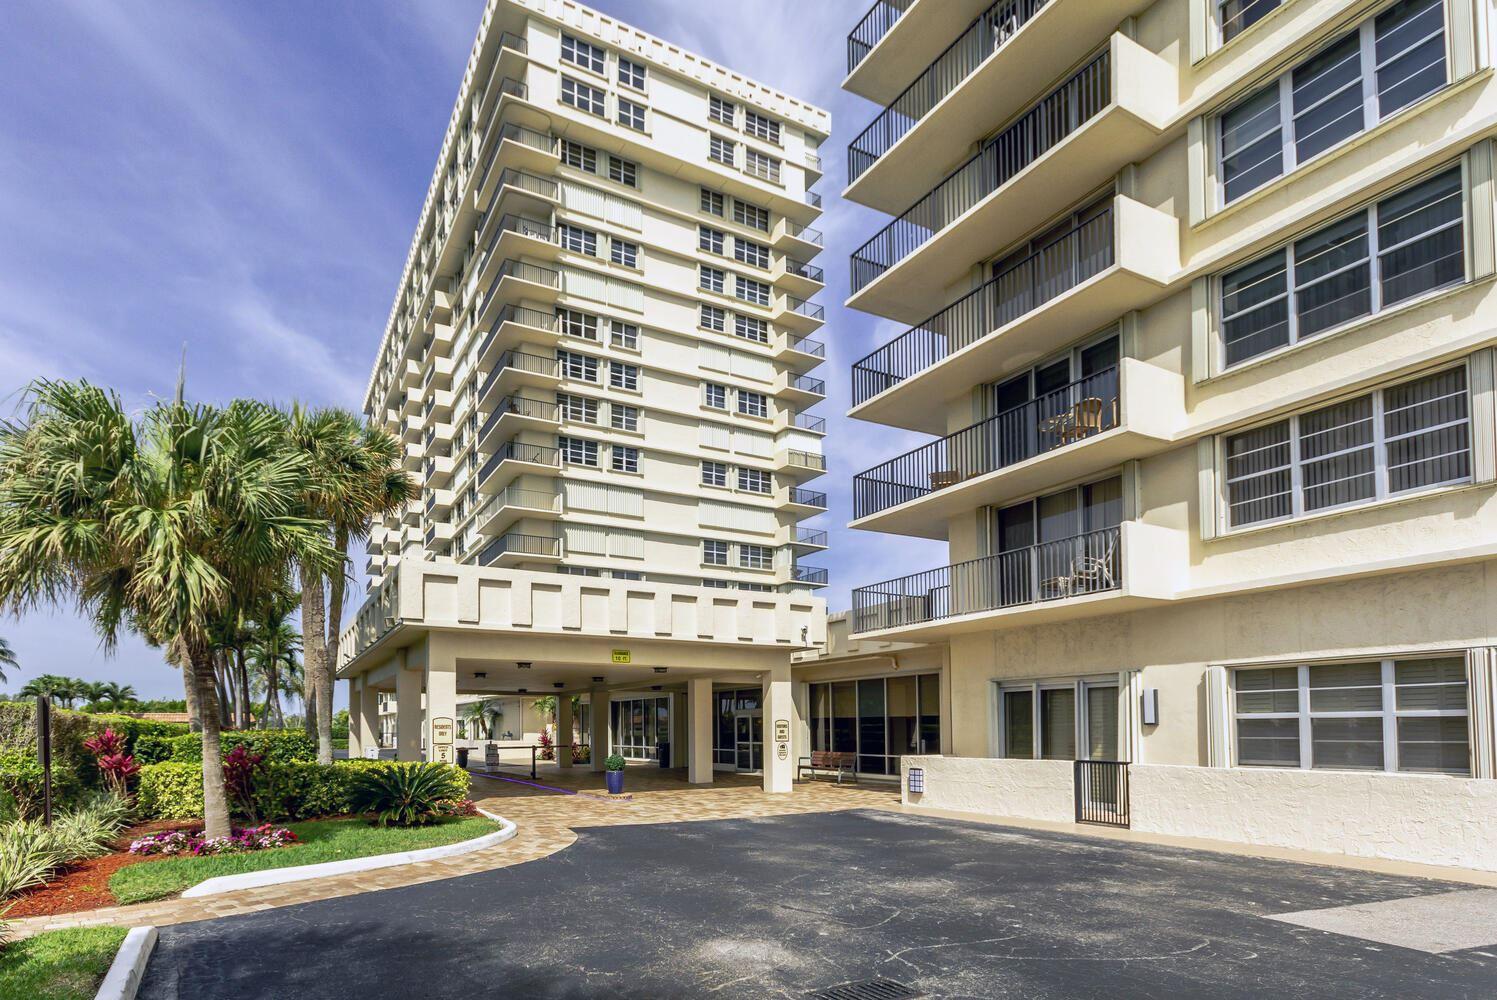 2121 N Ocean Boulevard #1105e, Boca Raton, FL 33431 - #: RX-10707872